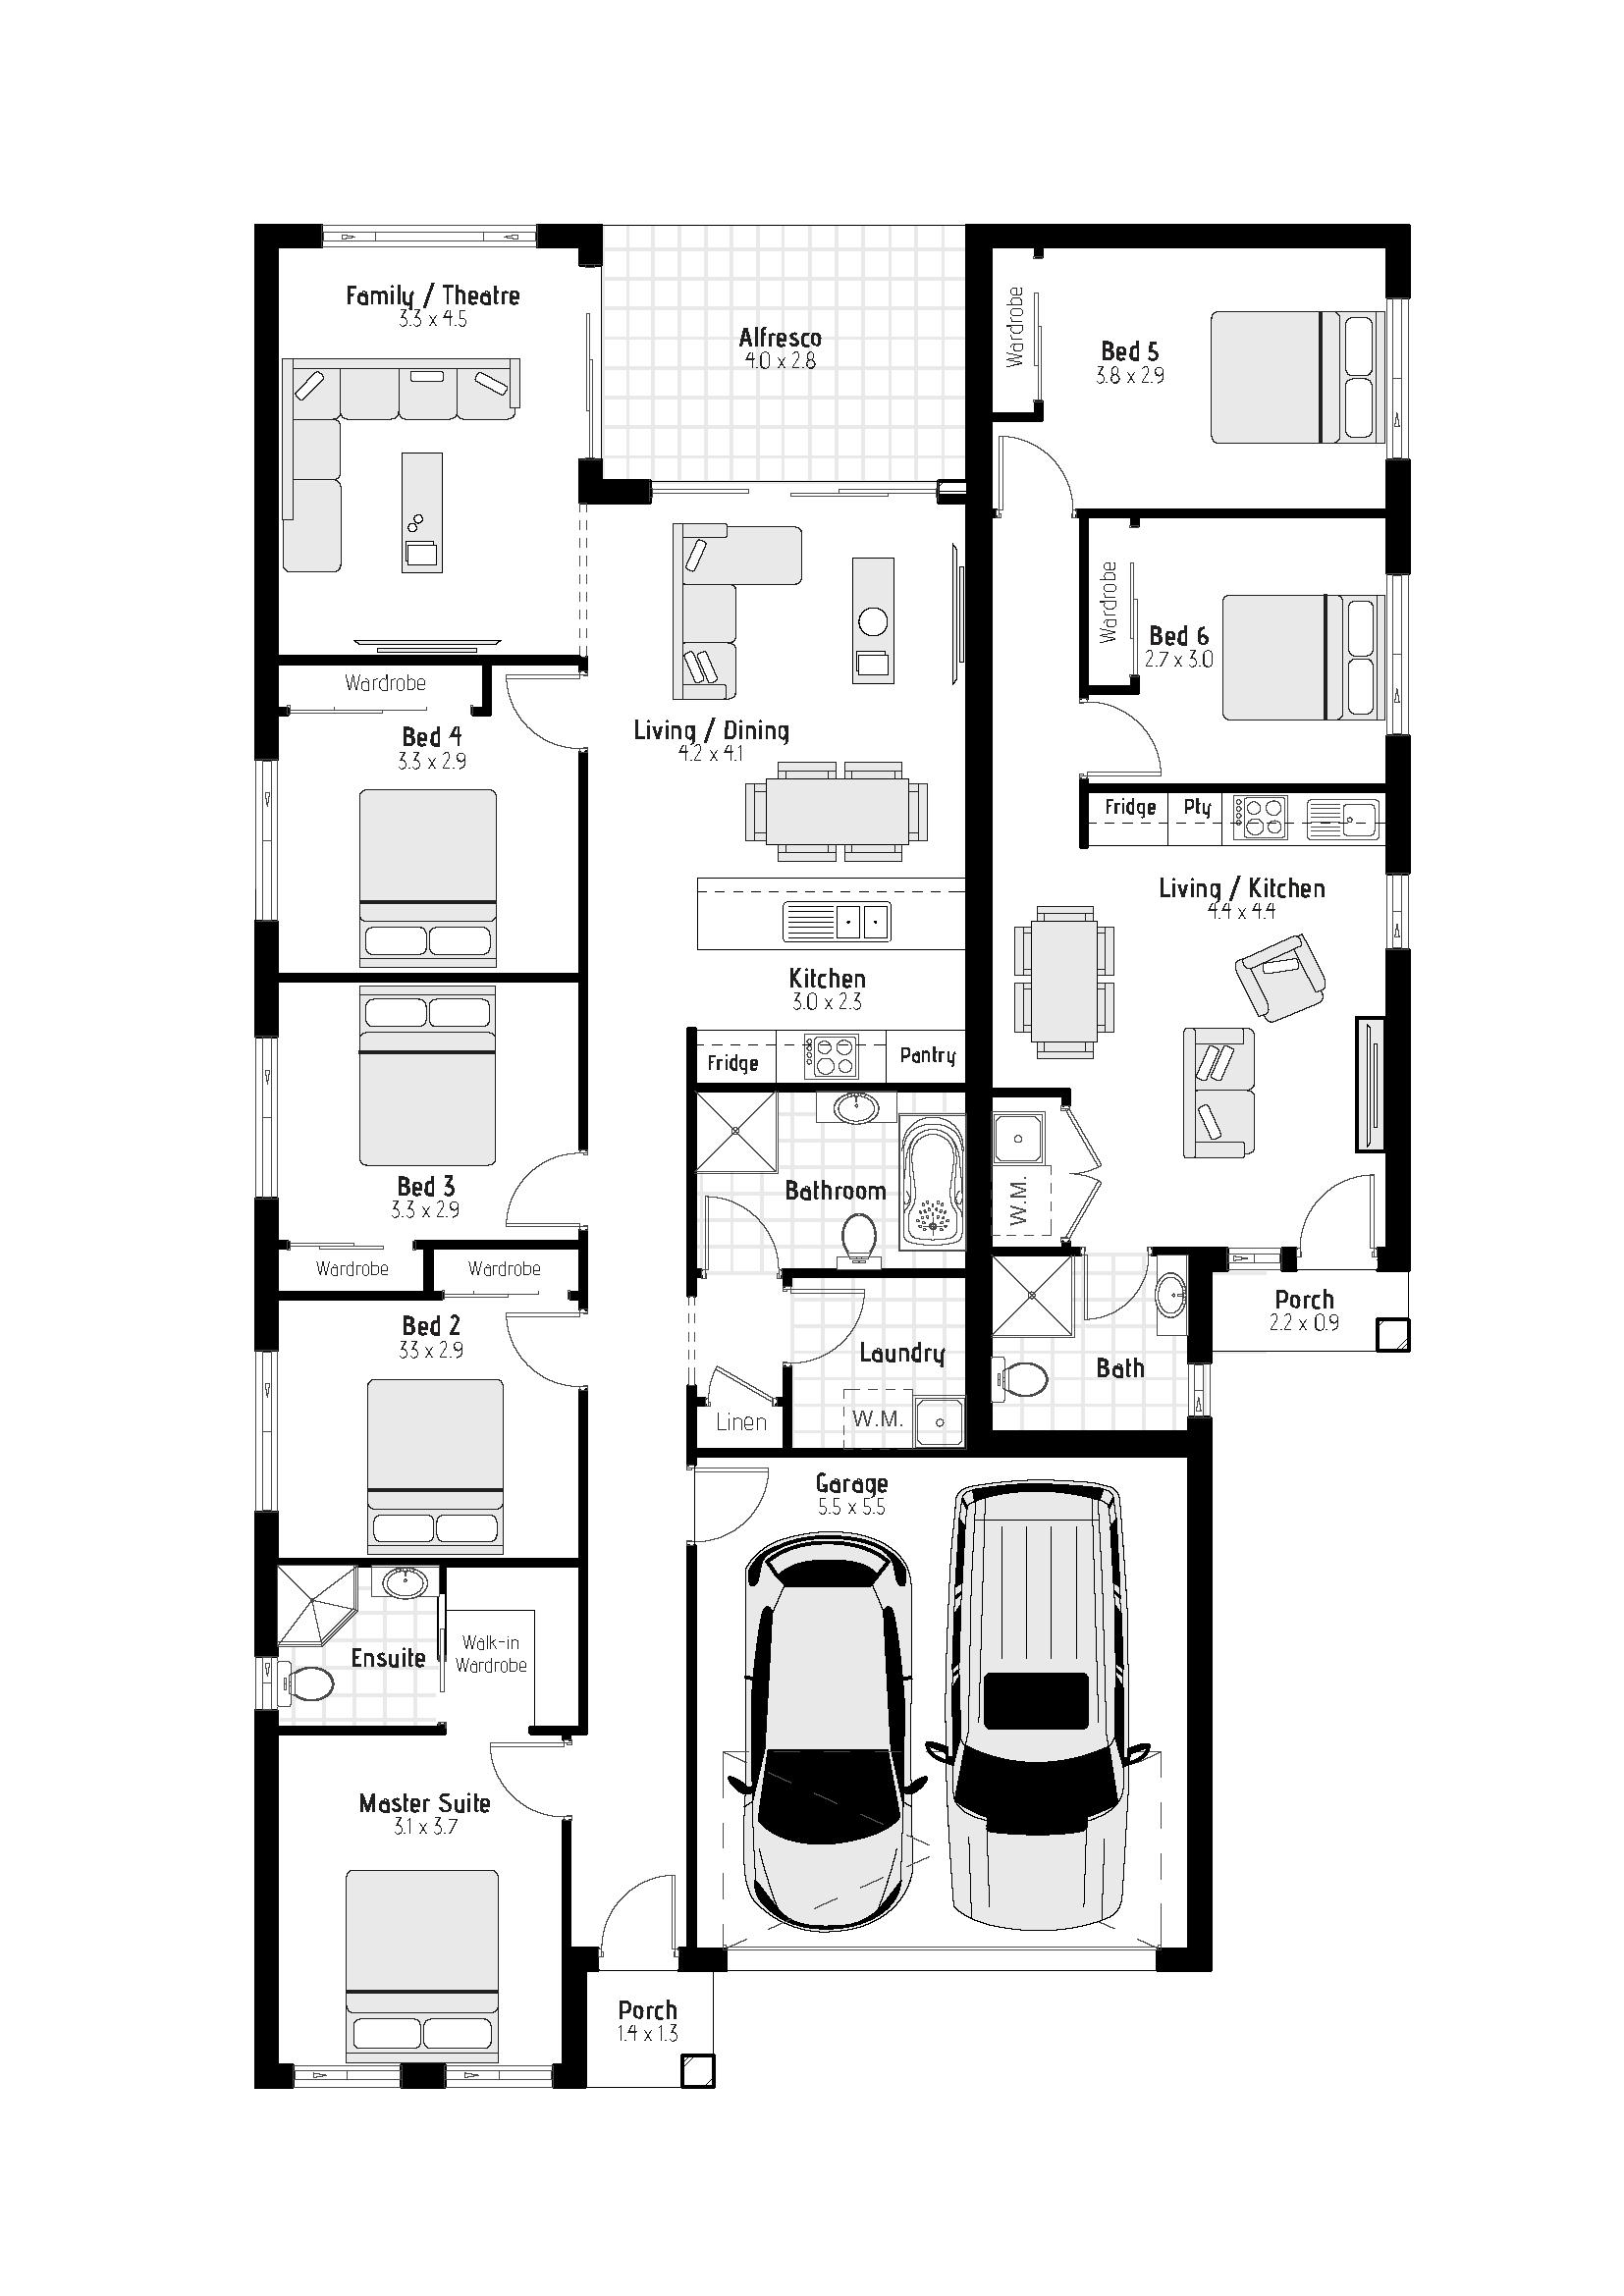 Waratah MKI Floorplan